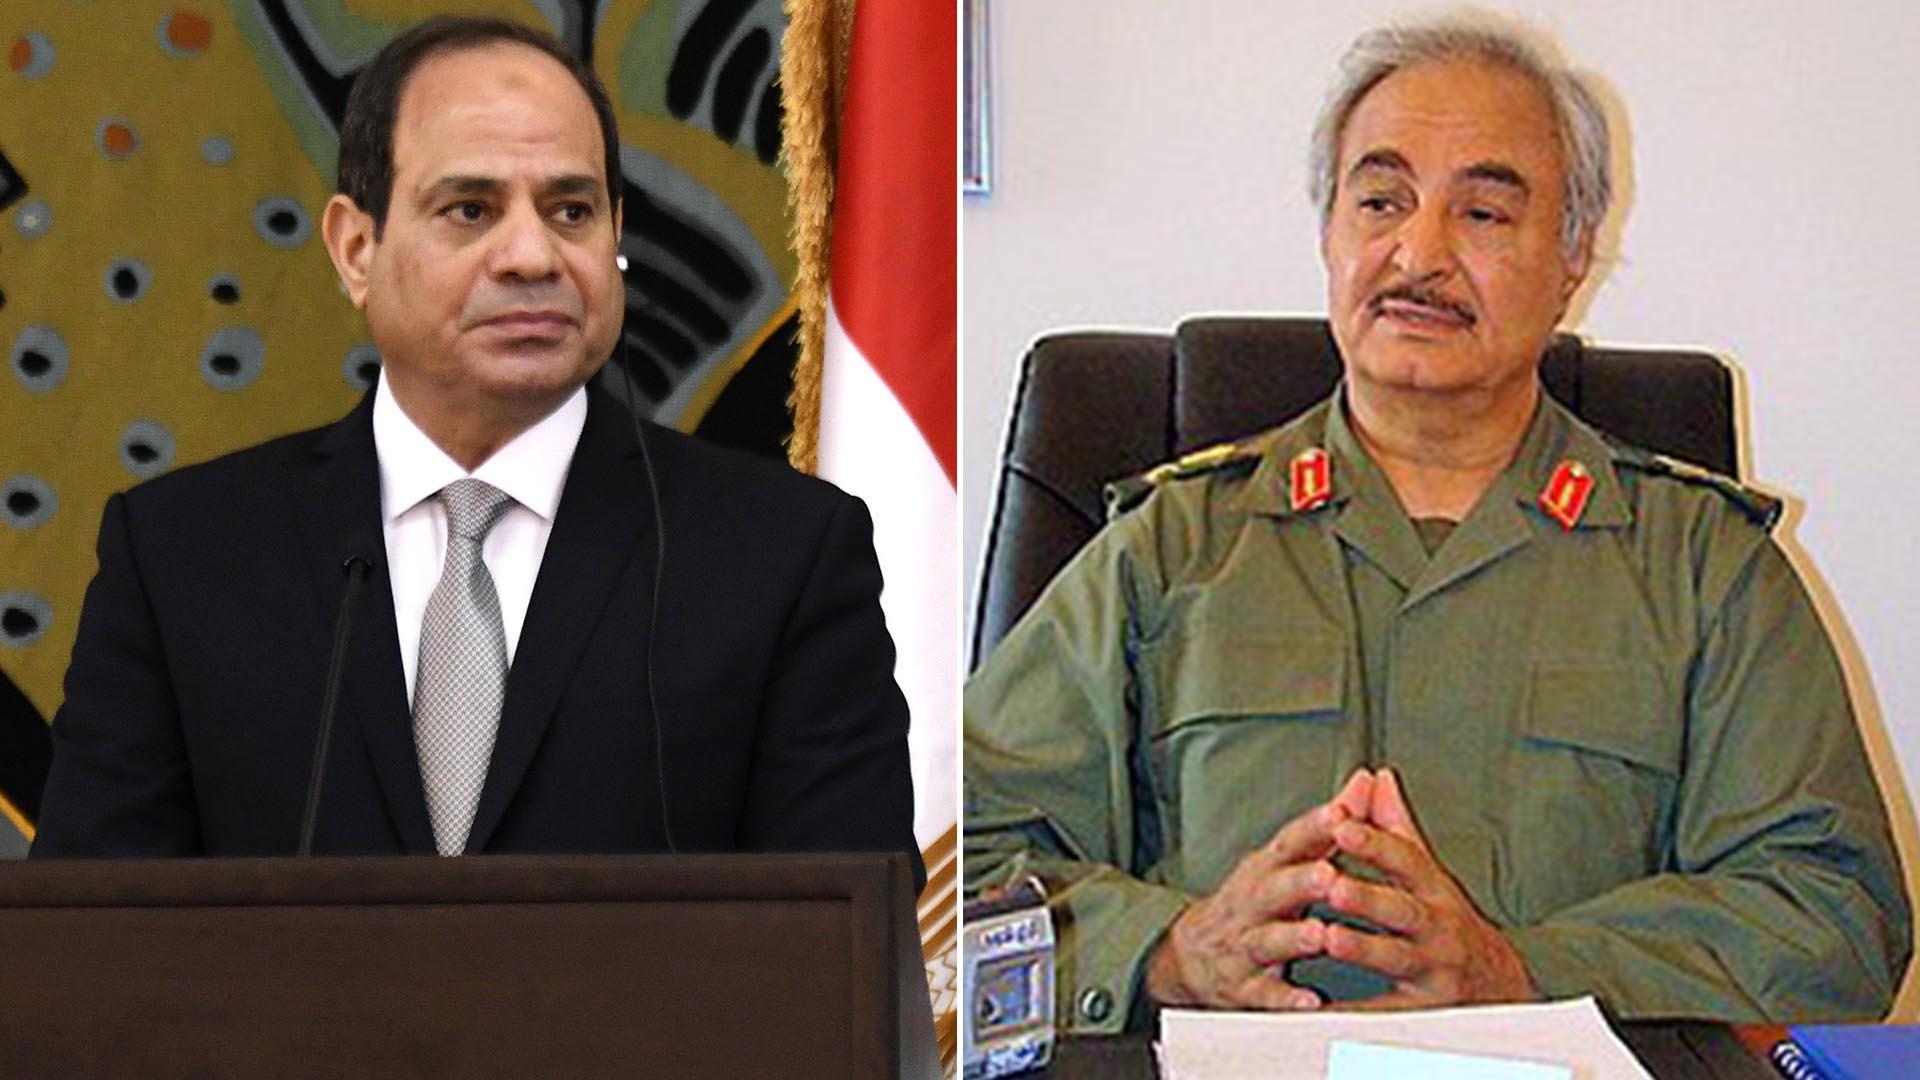 El dictador militar convertido en presidente de Egipto, Abdel Fattah al Sisi, y al caudillo libio que quiere controlar todo el país, Jalifa Haftar (AFP / Wikipedia)